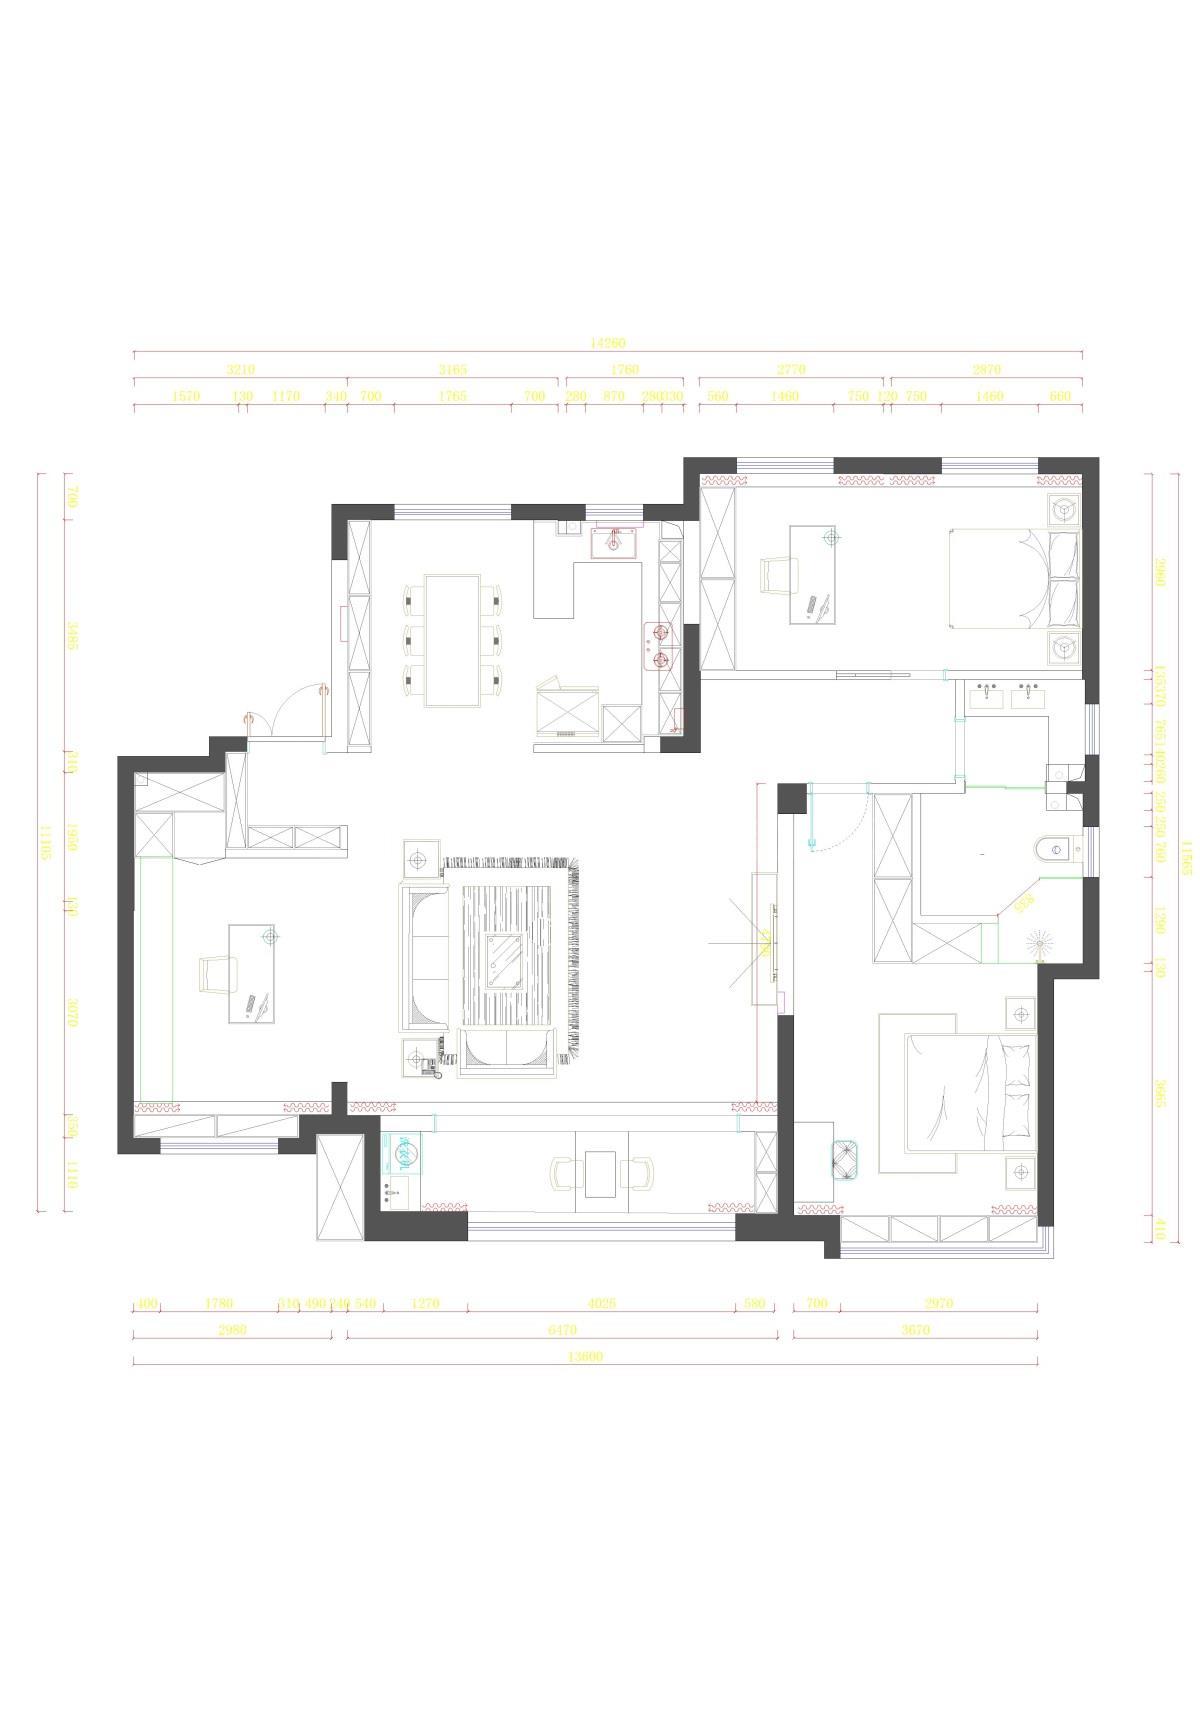 绿地海珀兰轩 15-1-10901 四室三卫-Model